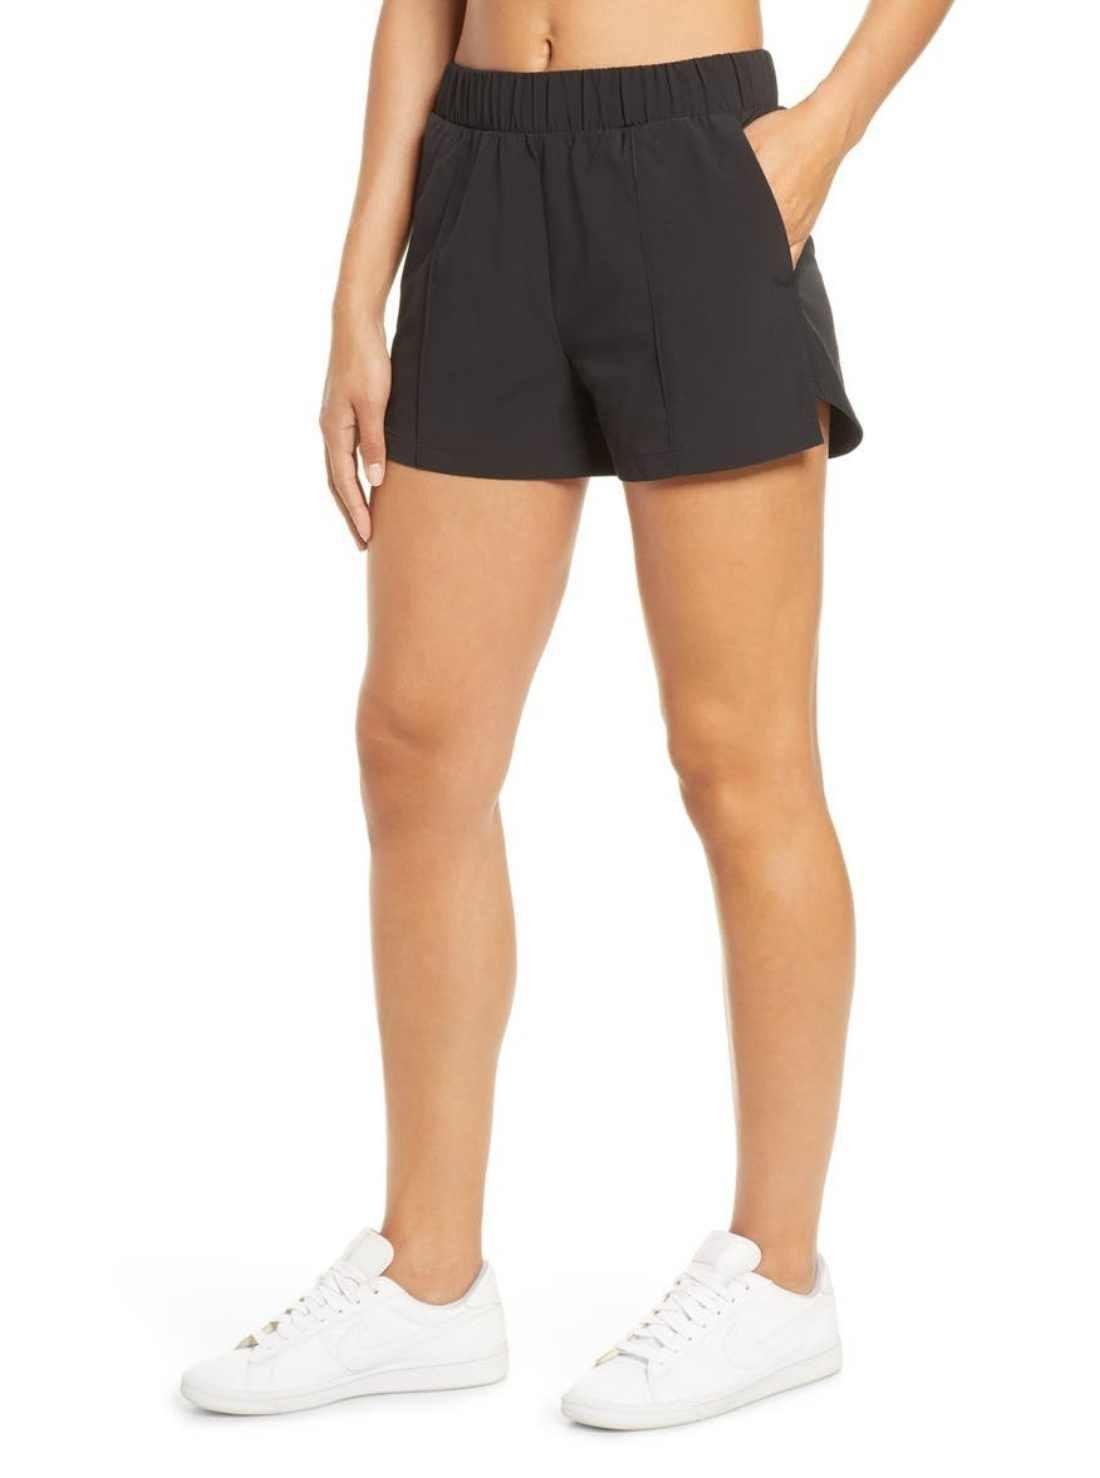 Get-away high-waist shorts